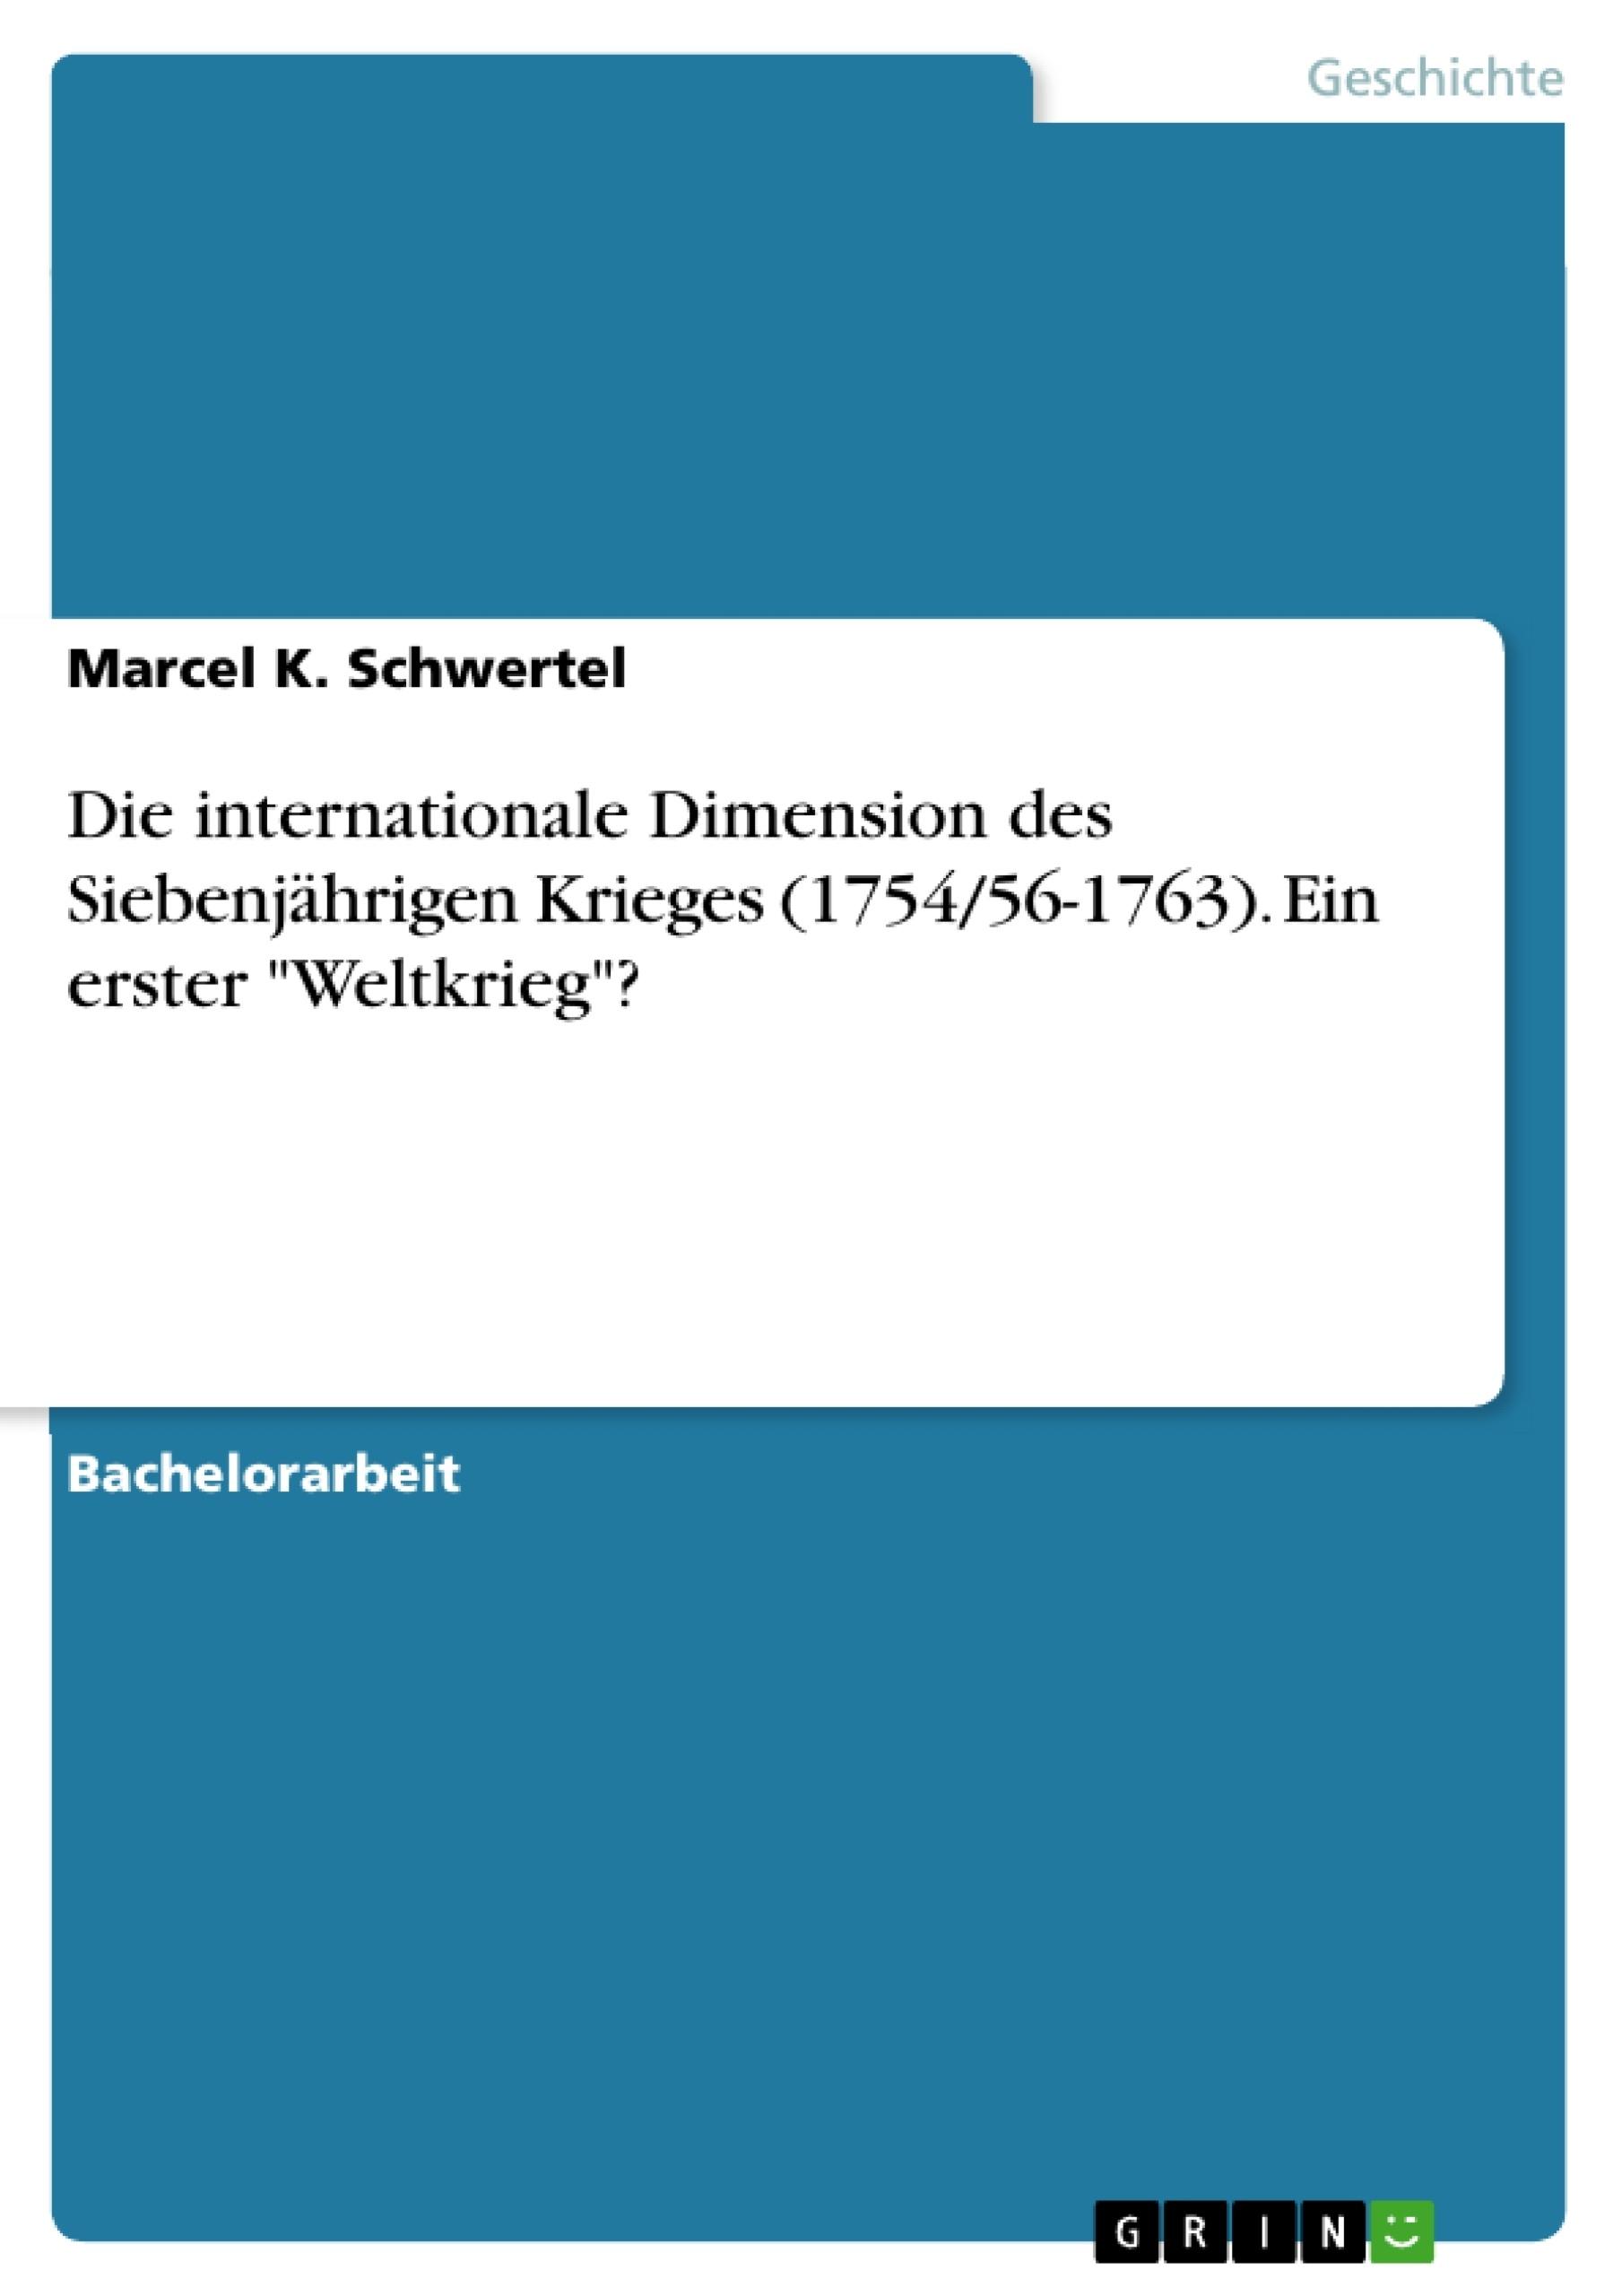 """Titel: Die internationale Dimension des Siebenjährigen Krieges (1754/56-1763). Ein erster """"Weltkrieg""""?"""